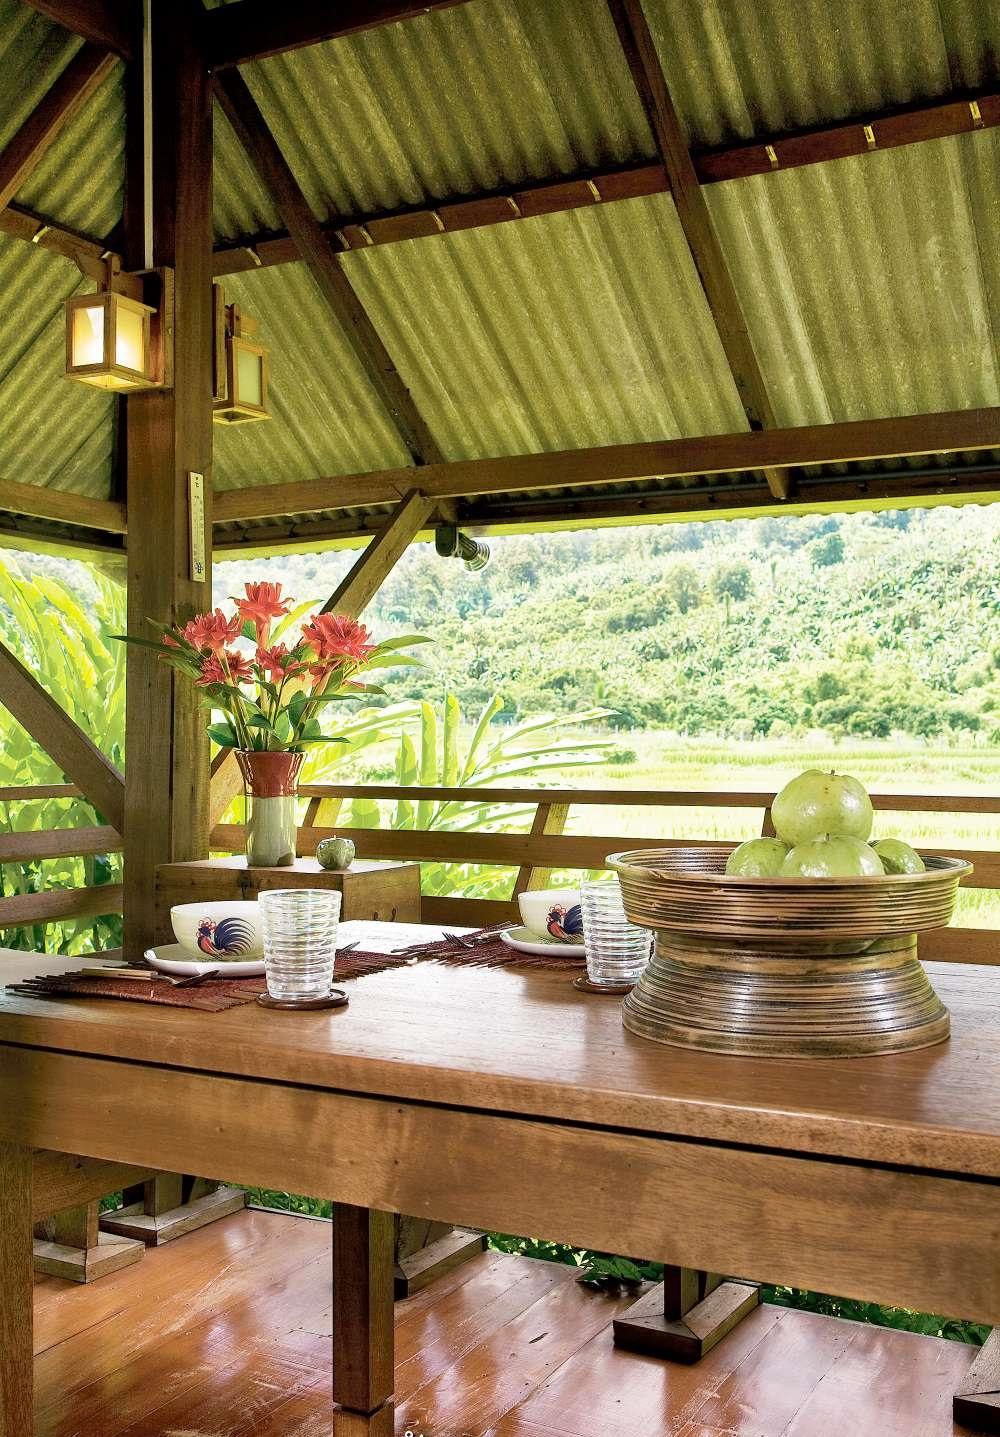 Nhà cấp 4 với thiết kế đẹp lãng mạn giữa cánh đồng lúa xanh tươi ở ngoại ô - Ảnh 4